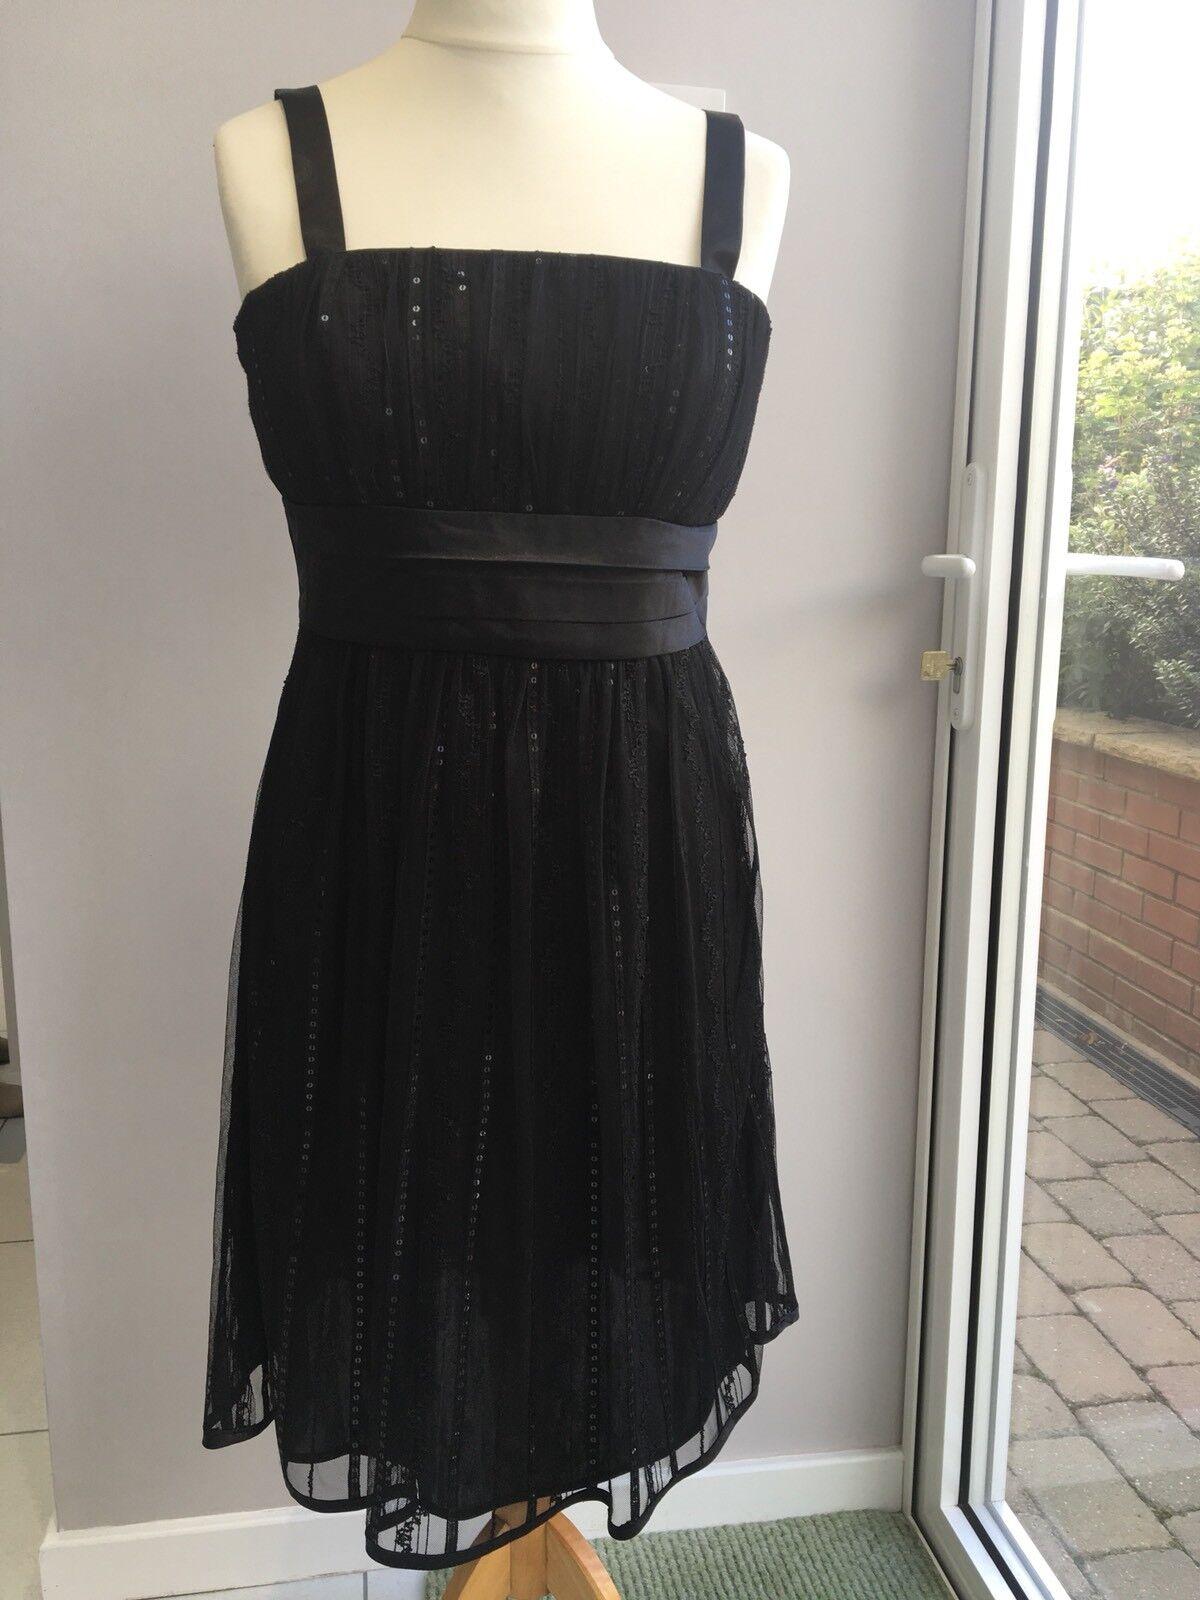 Belle noir Parti robe -12 de cocktail 10 -12 robe DENTELLE/PAILLETTES Satin Sash longueur genou 7ca252